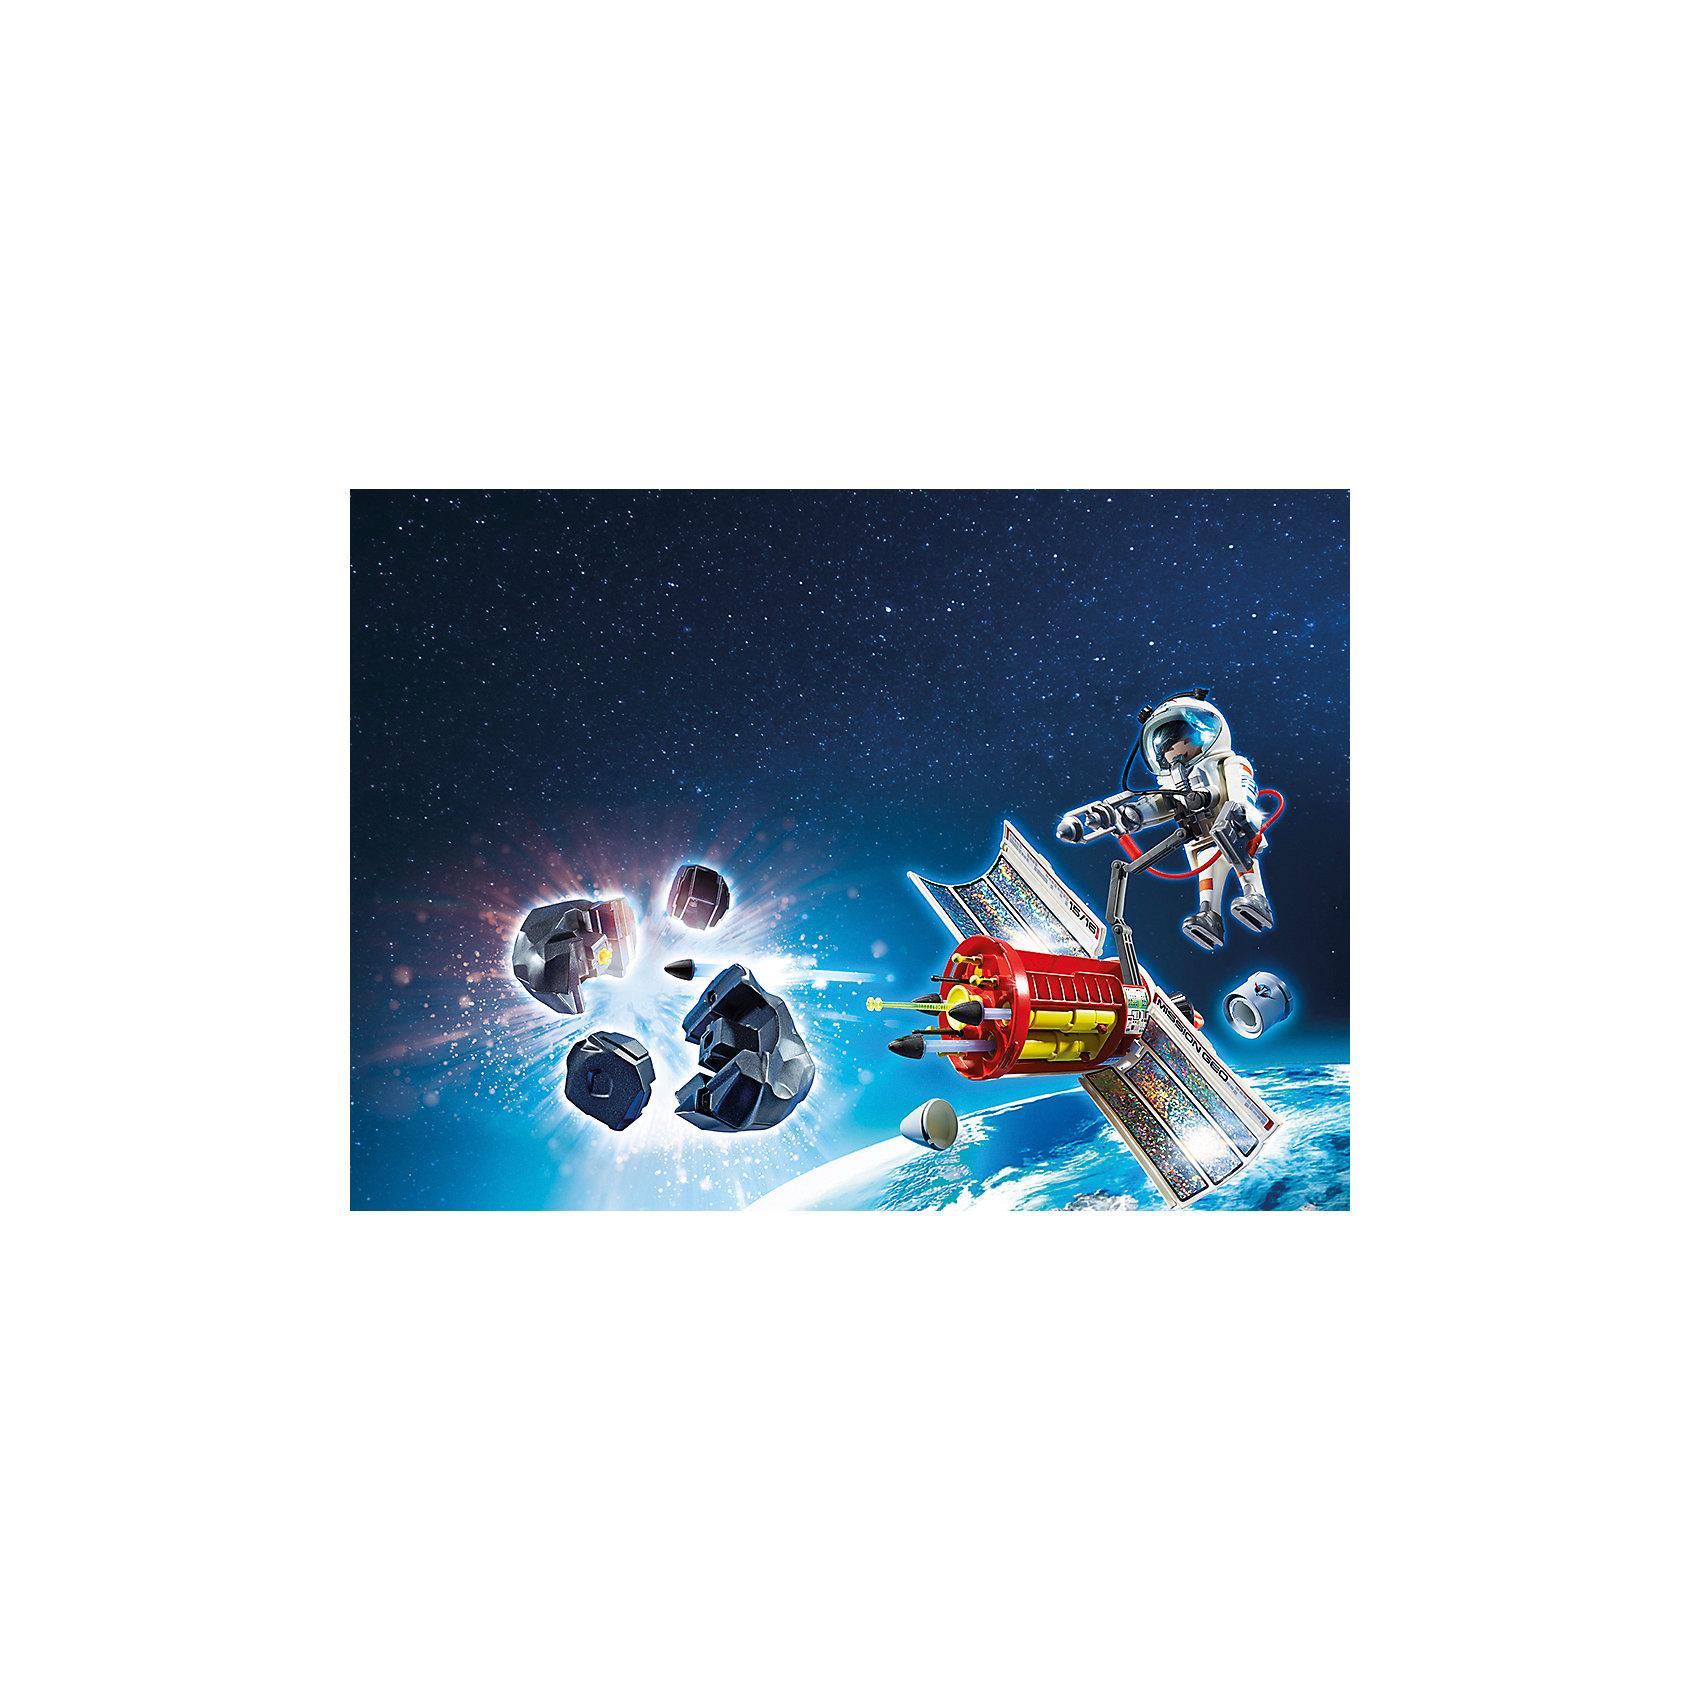 Космическая миссия: Спутниковый метеороидный лазер, PLAYMOBILПластмассовые конструкторы<br><br><br>Ширина мм: 288<br>Глубина мм: 187<br>Высота мм: 96<br>Вес г: 445<br>Возраст от месяцев: 72<br>Возраст до месяцев: 144<br>Пол: Мужской<br>Возраст: Детский<br>SKU: 4012473